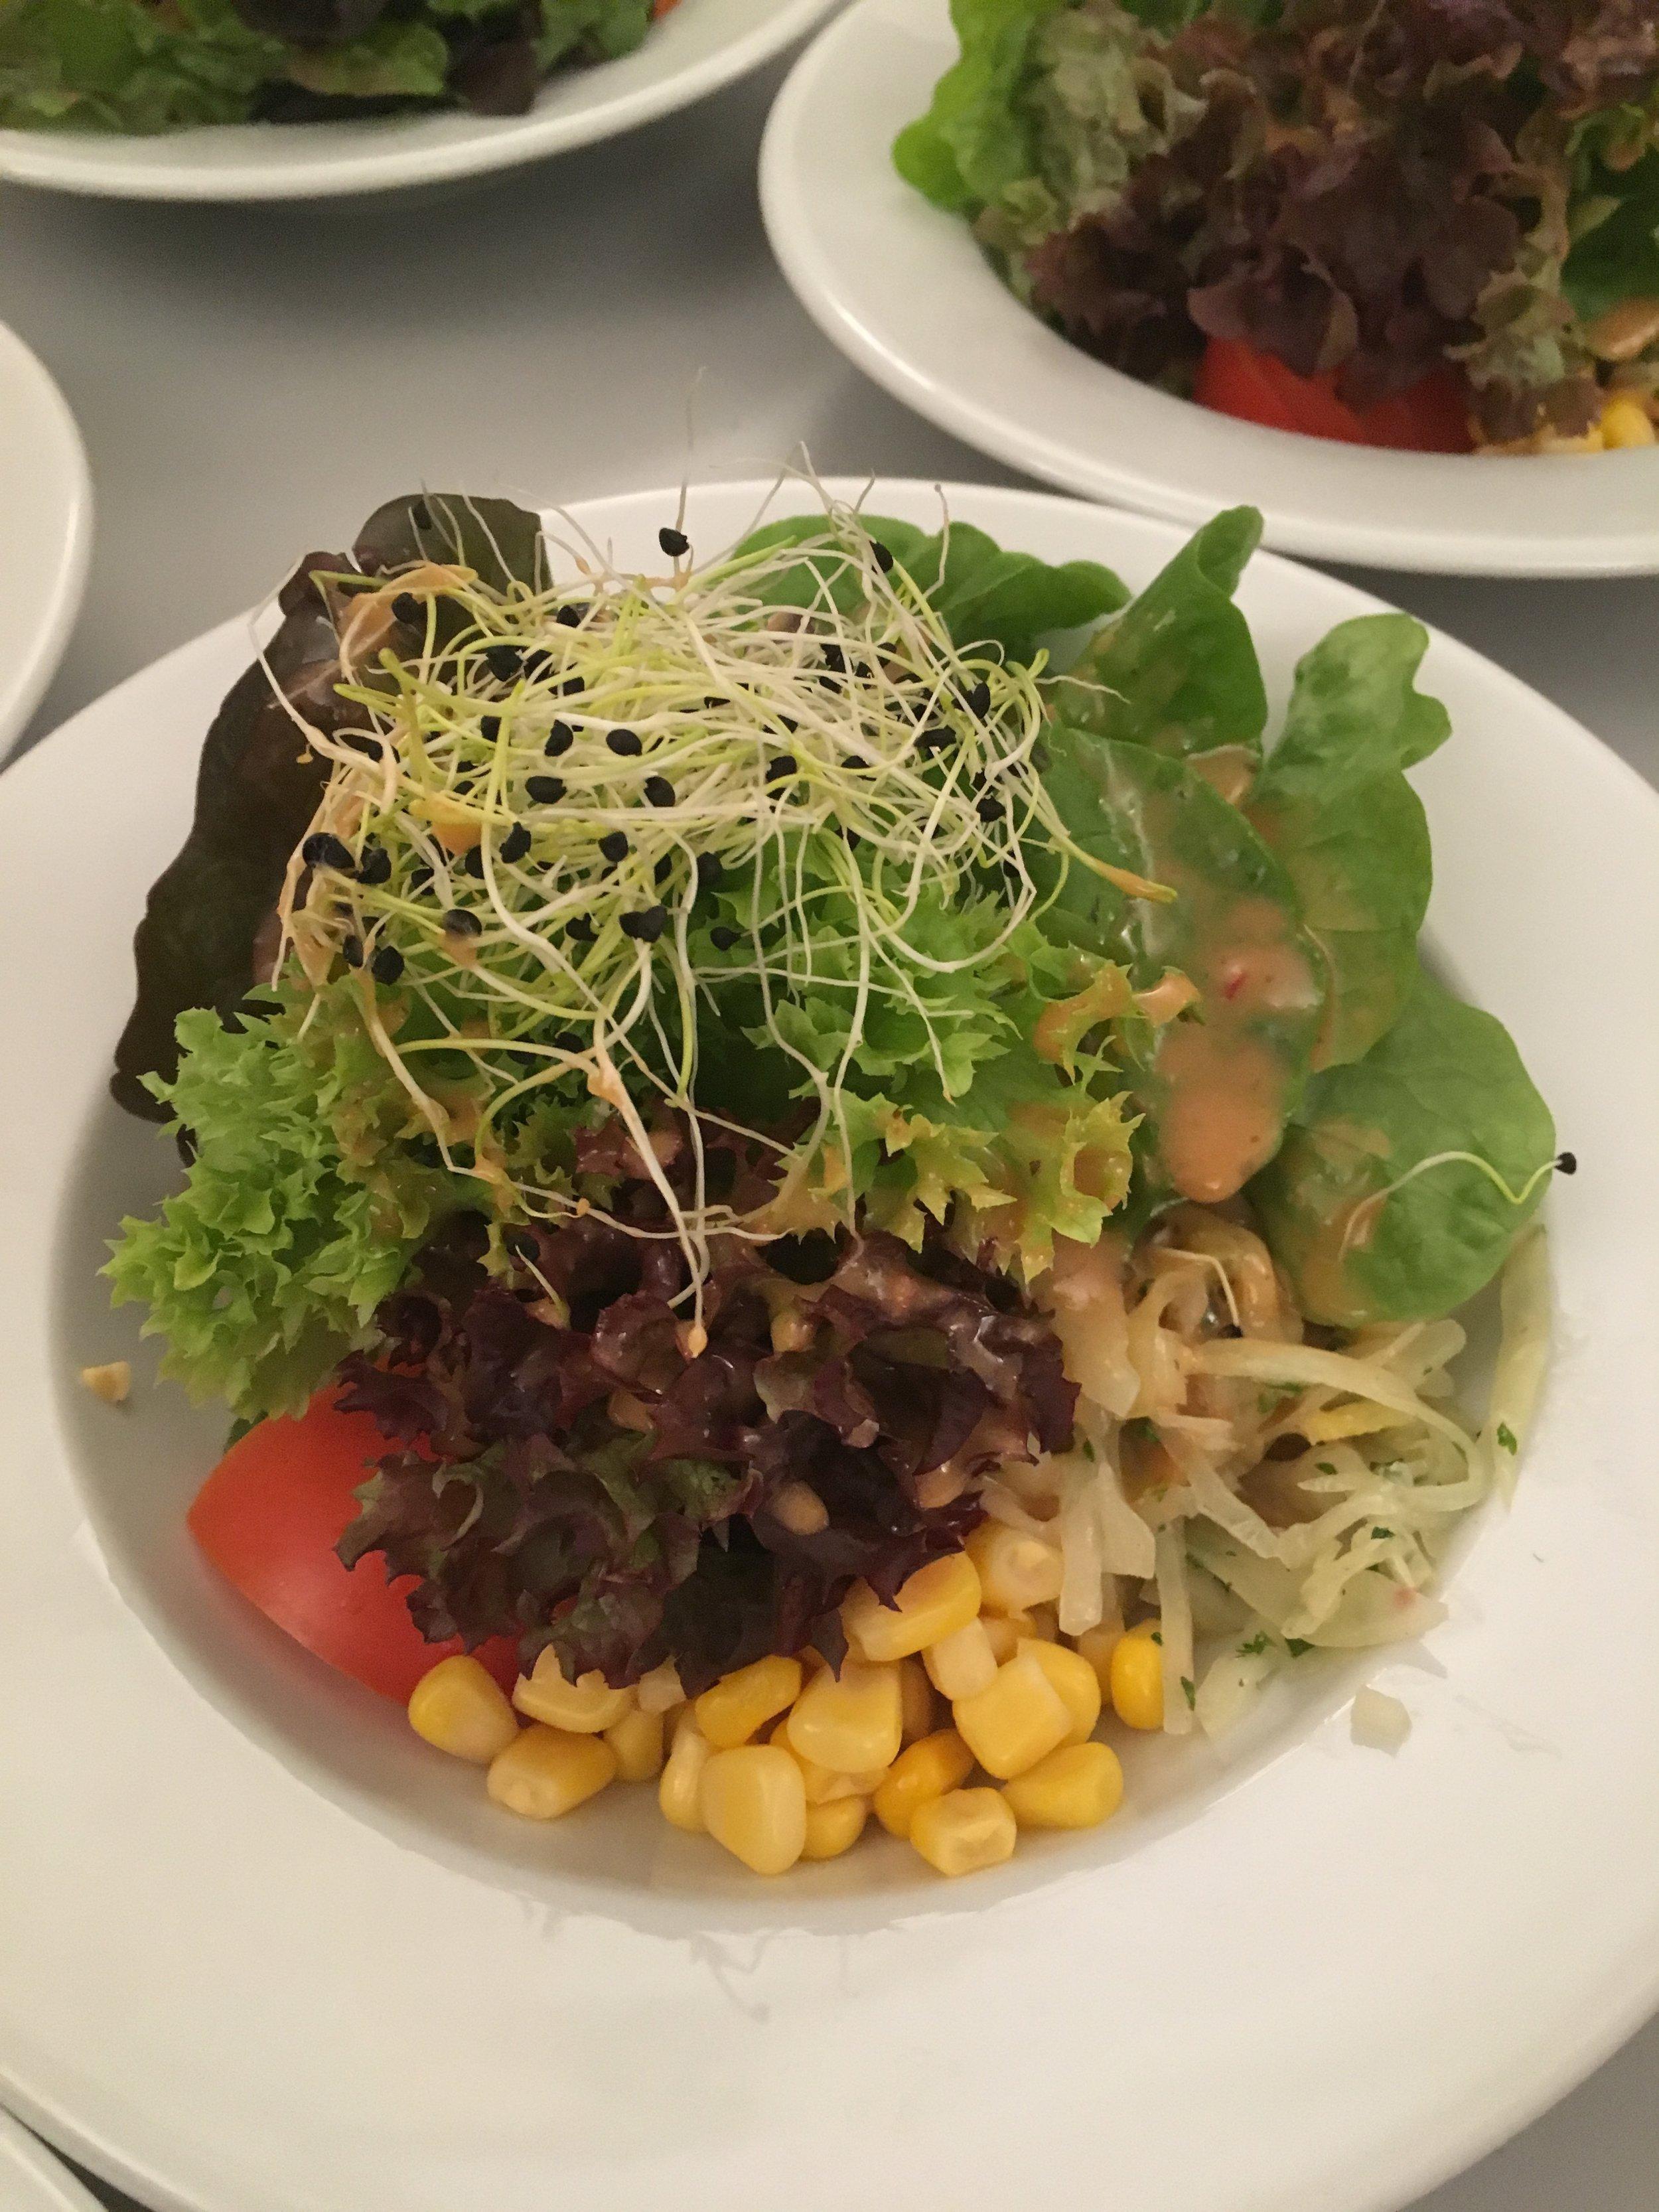 Gemischter Salat.JPG